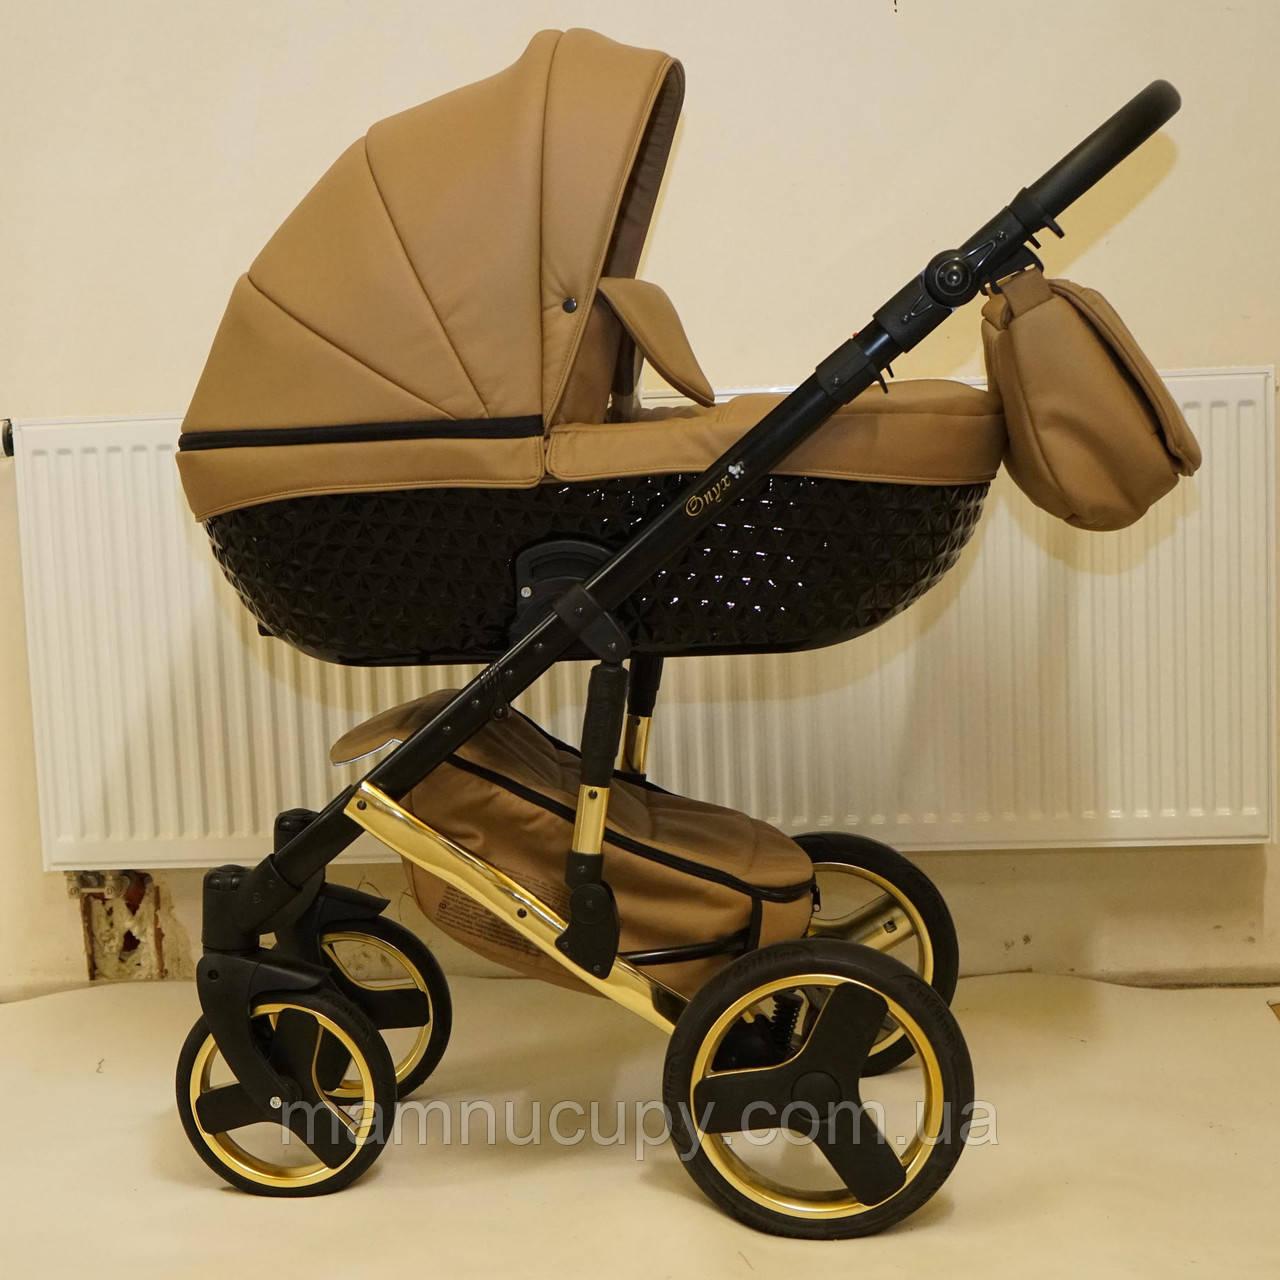 Детская универсальная коляска 2 в 1 Mikrus Specchio Silver 08